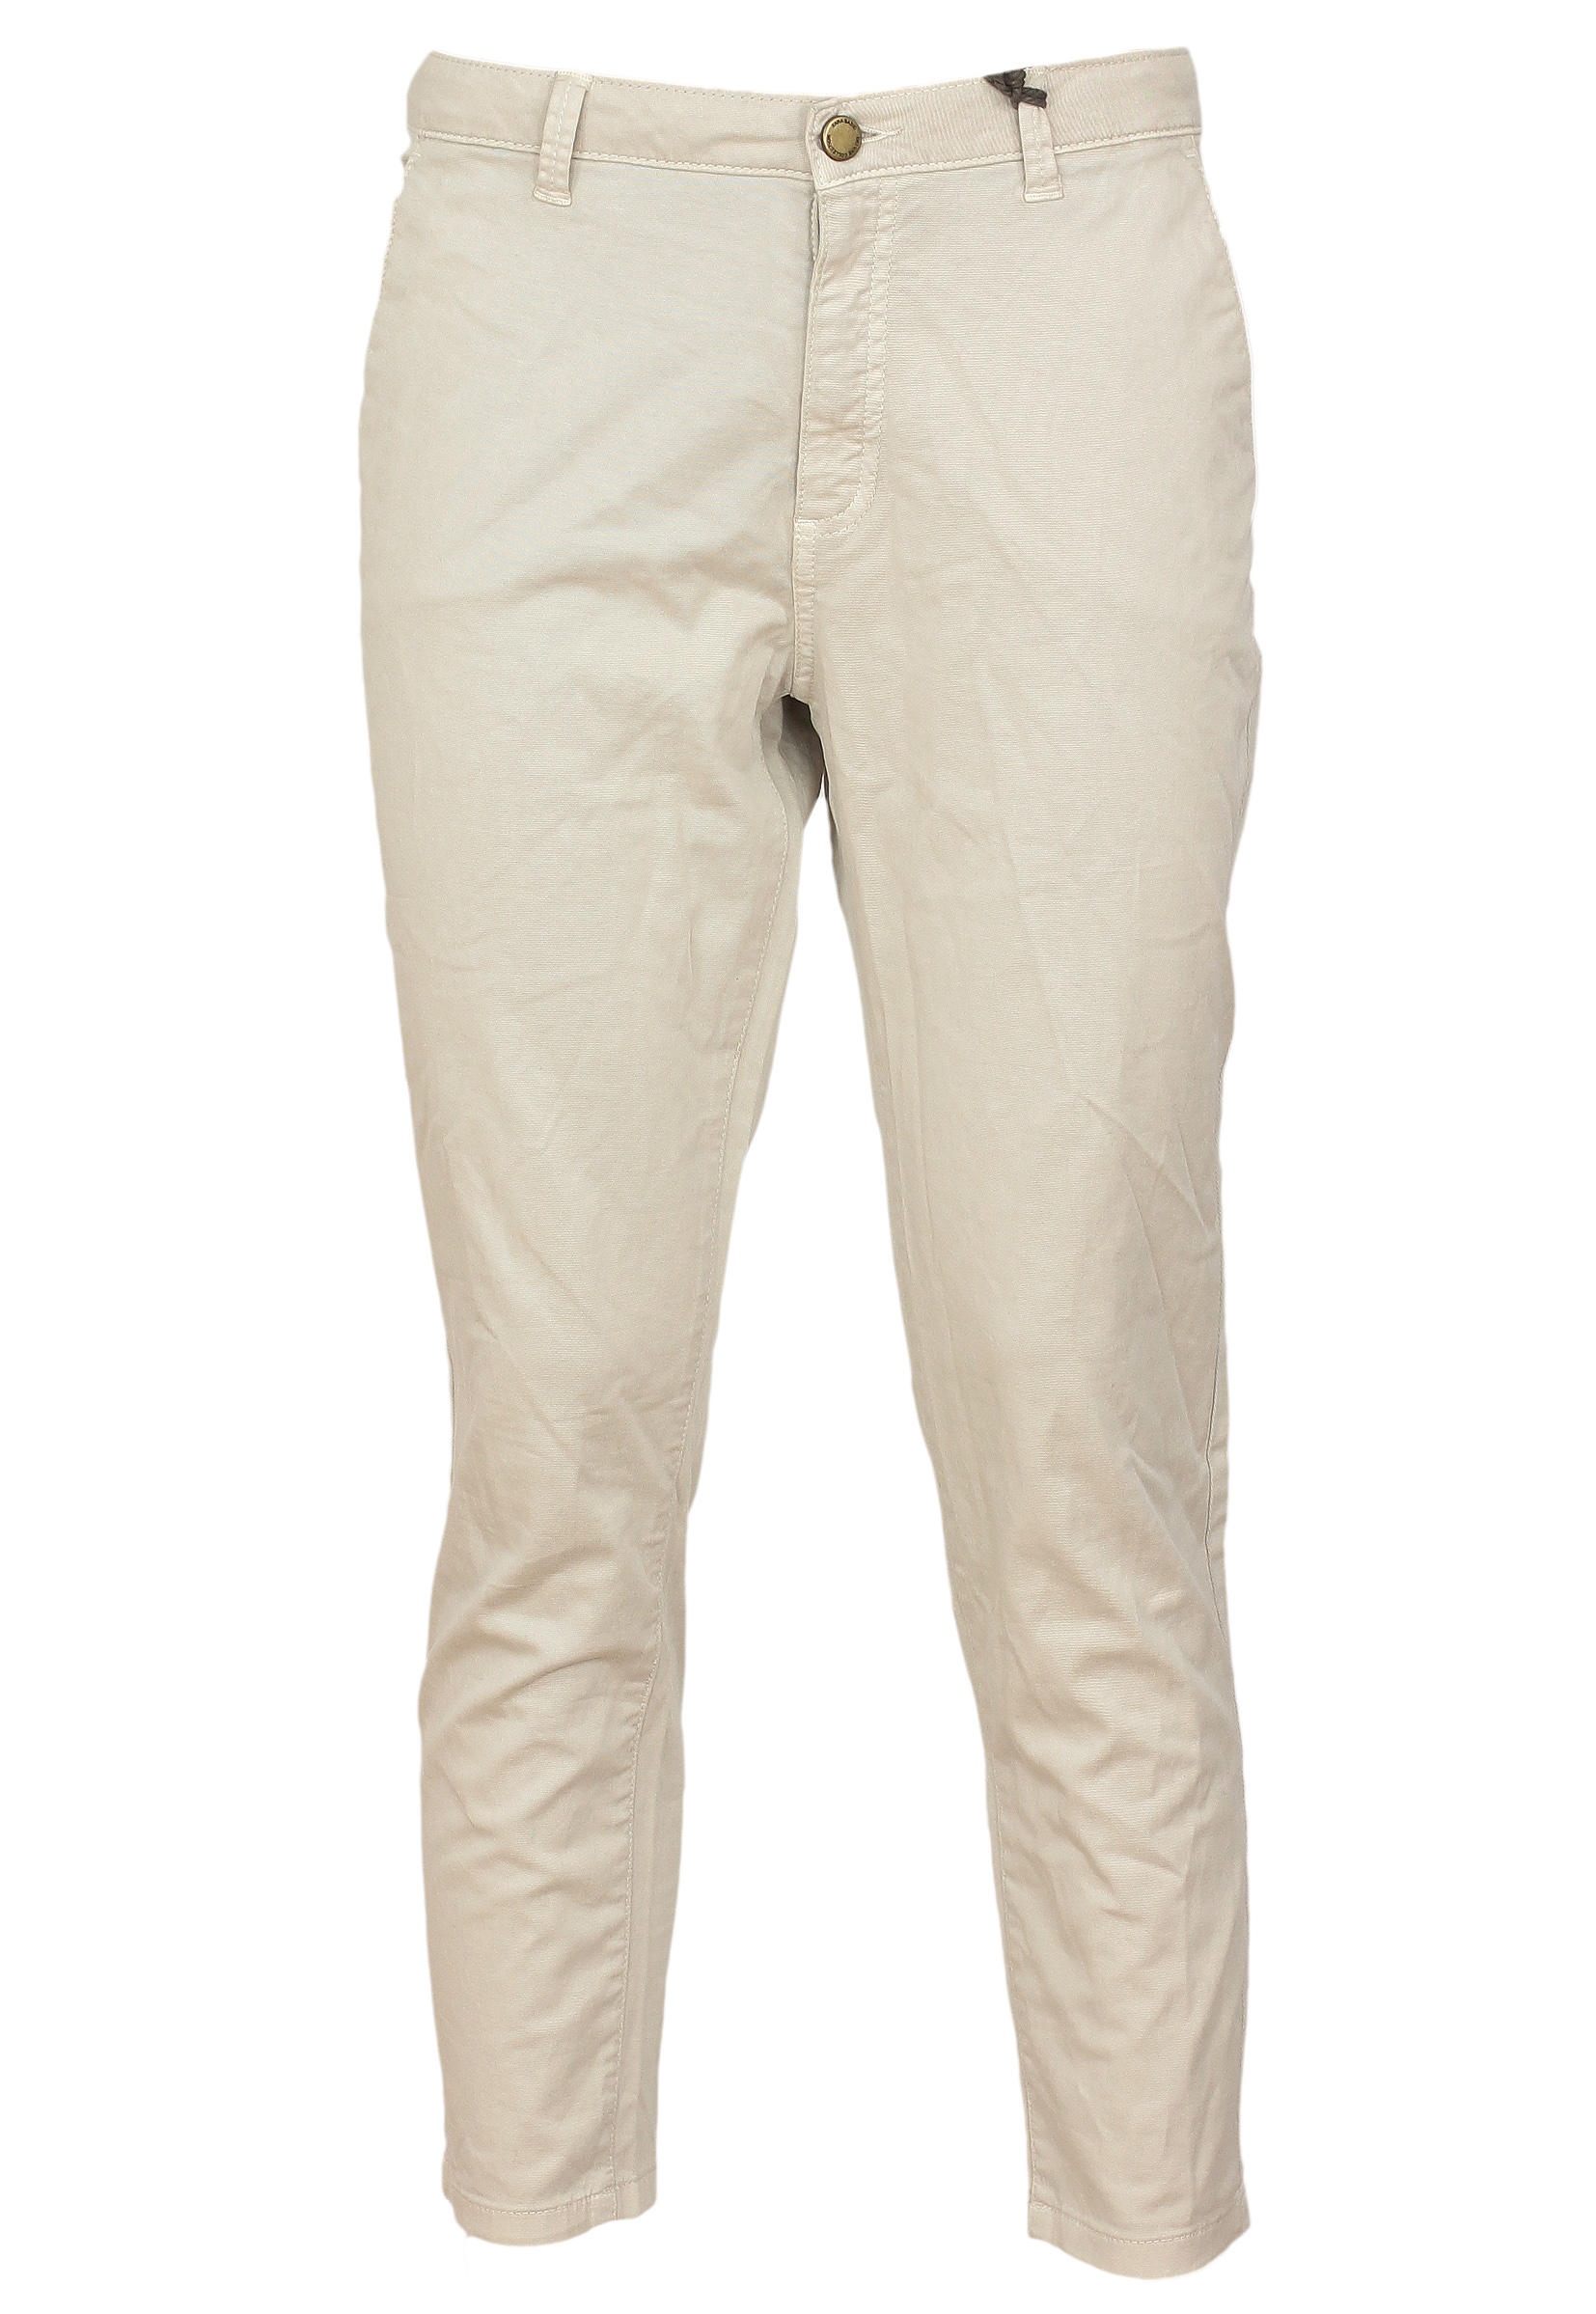 Pantaloni ZARA Dakota Beige